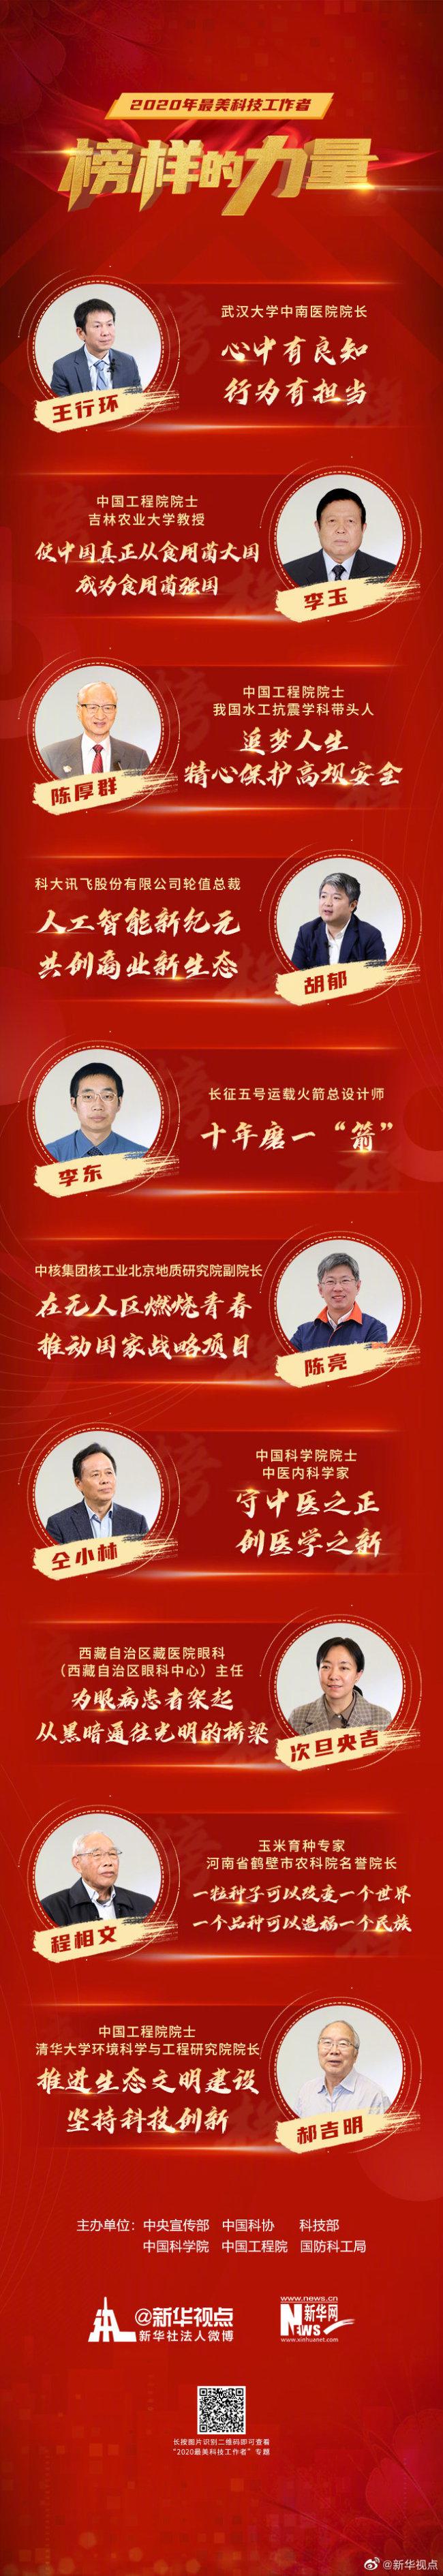 """中央宣传部 中国科协等6部门发布2020年""""最美科技工作者""""先进事迹"""